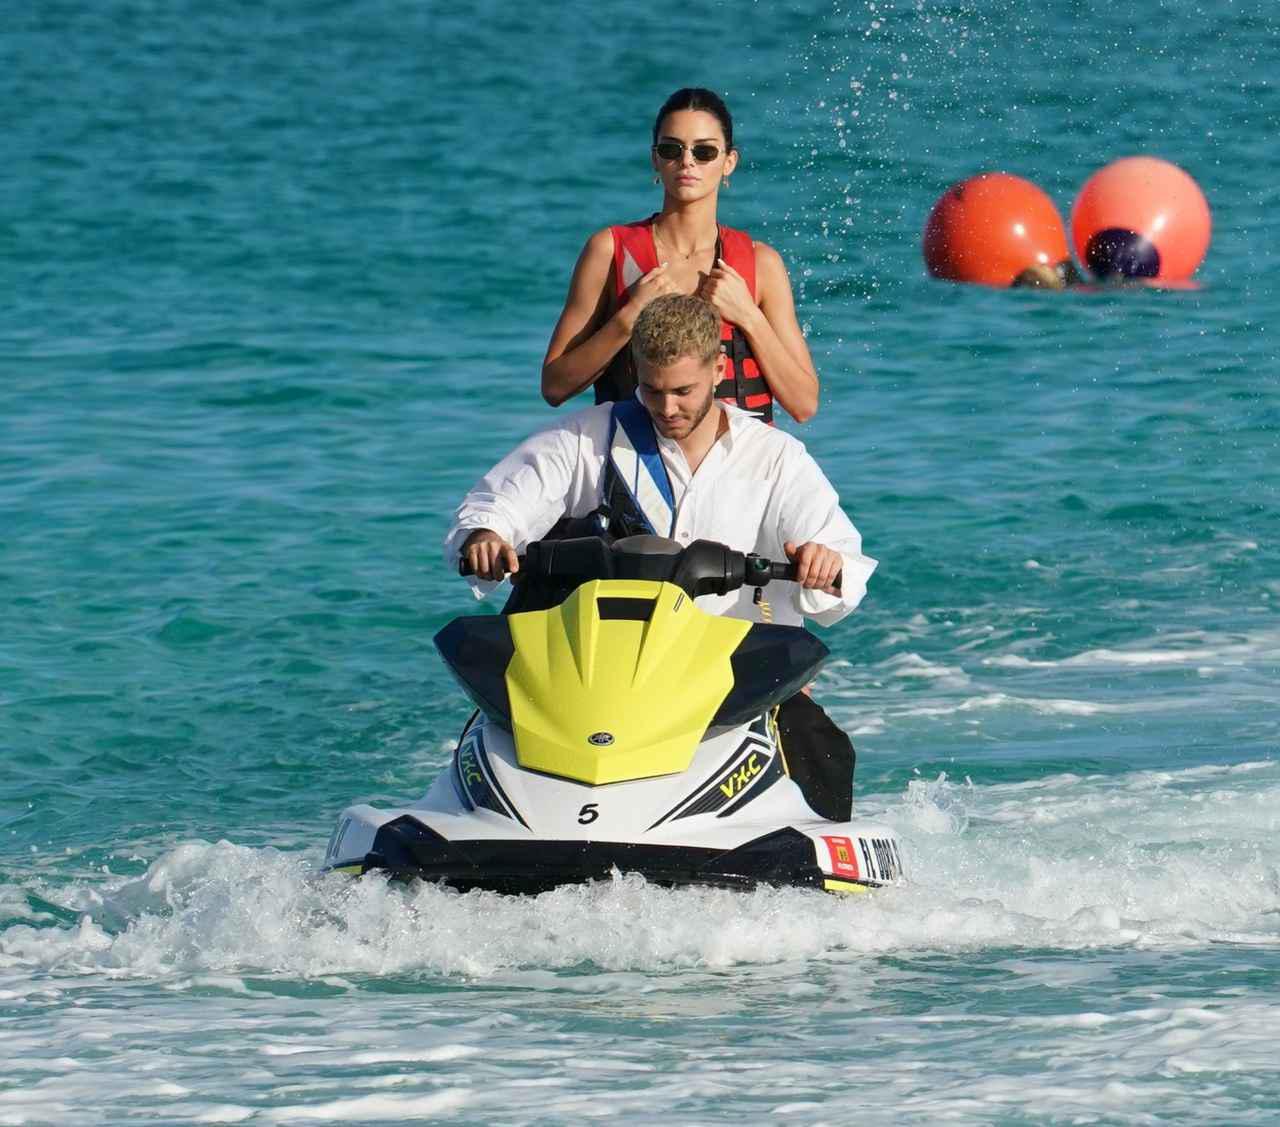 画像5: ケンダルとベラが仲良くビーチへ